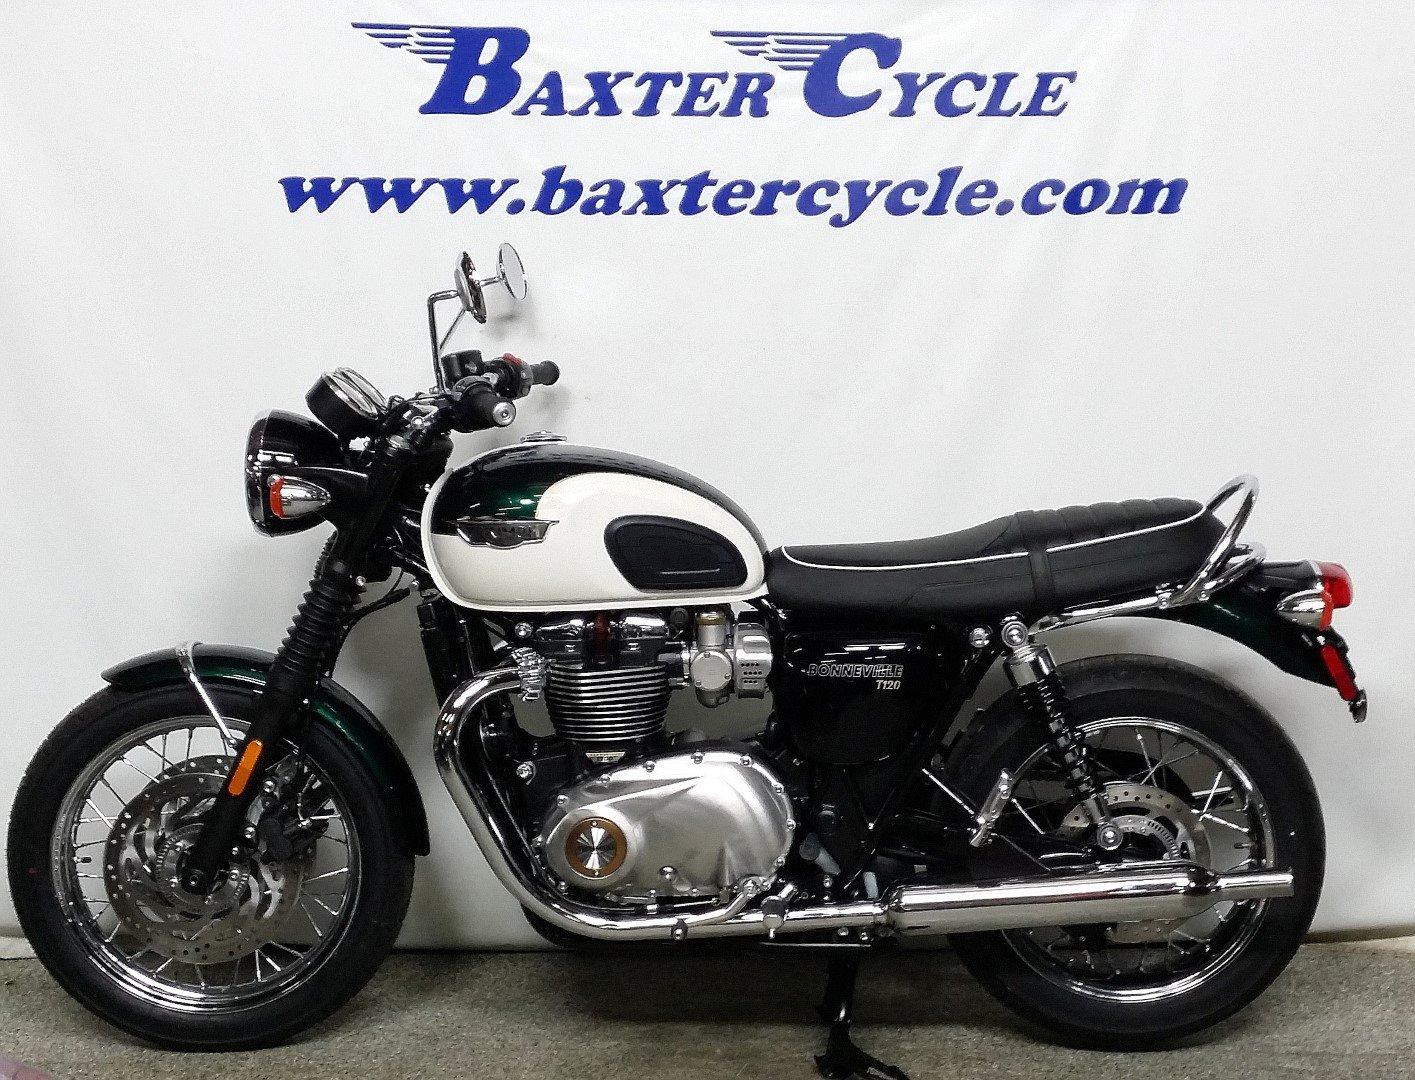 2018 Triumph Bonneville T120 Baxter Cycle